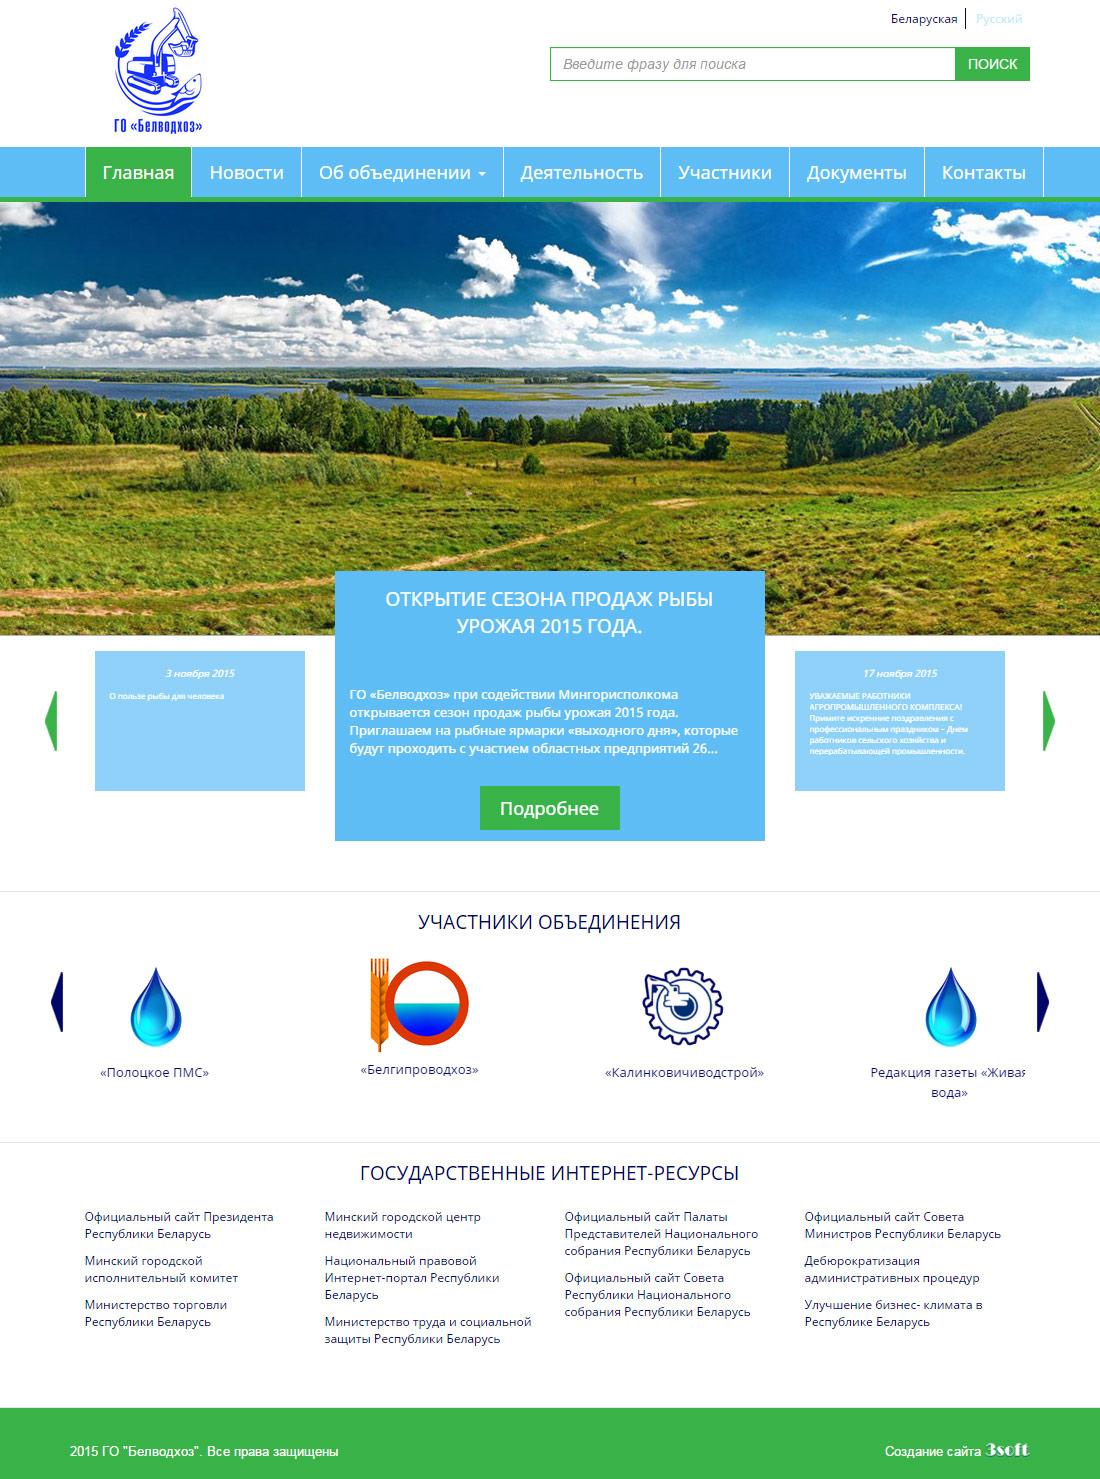 Создание сайта государственного объединения «Белводхоз»